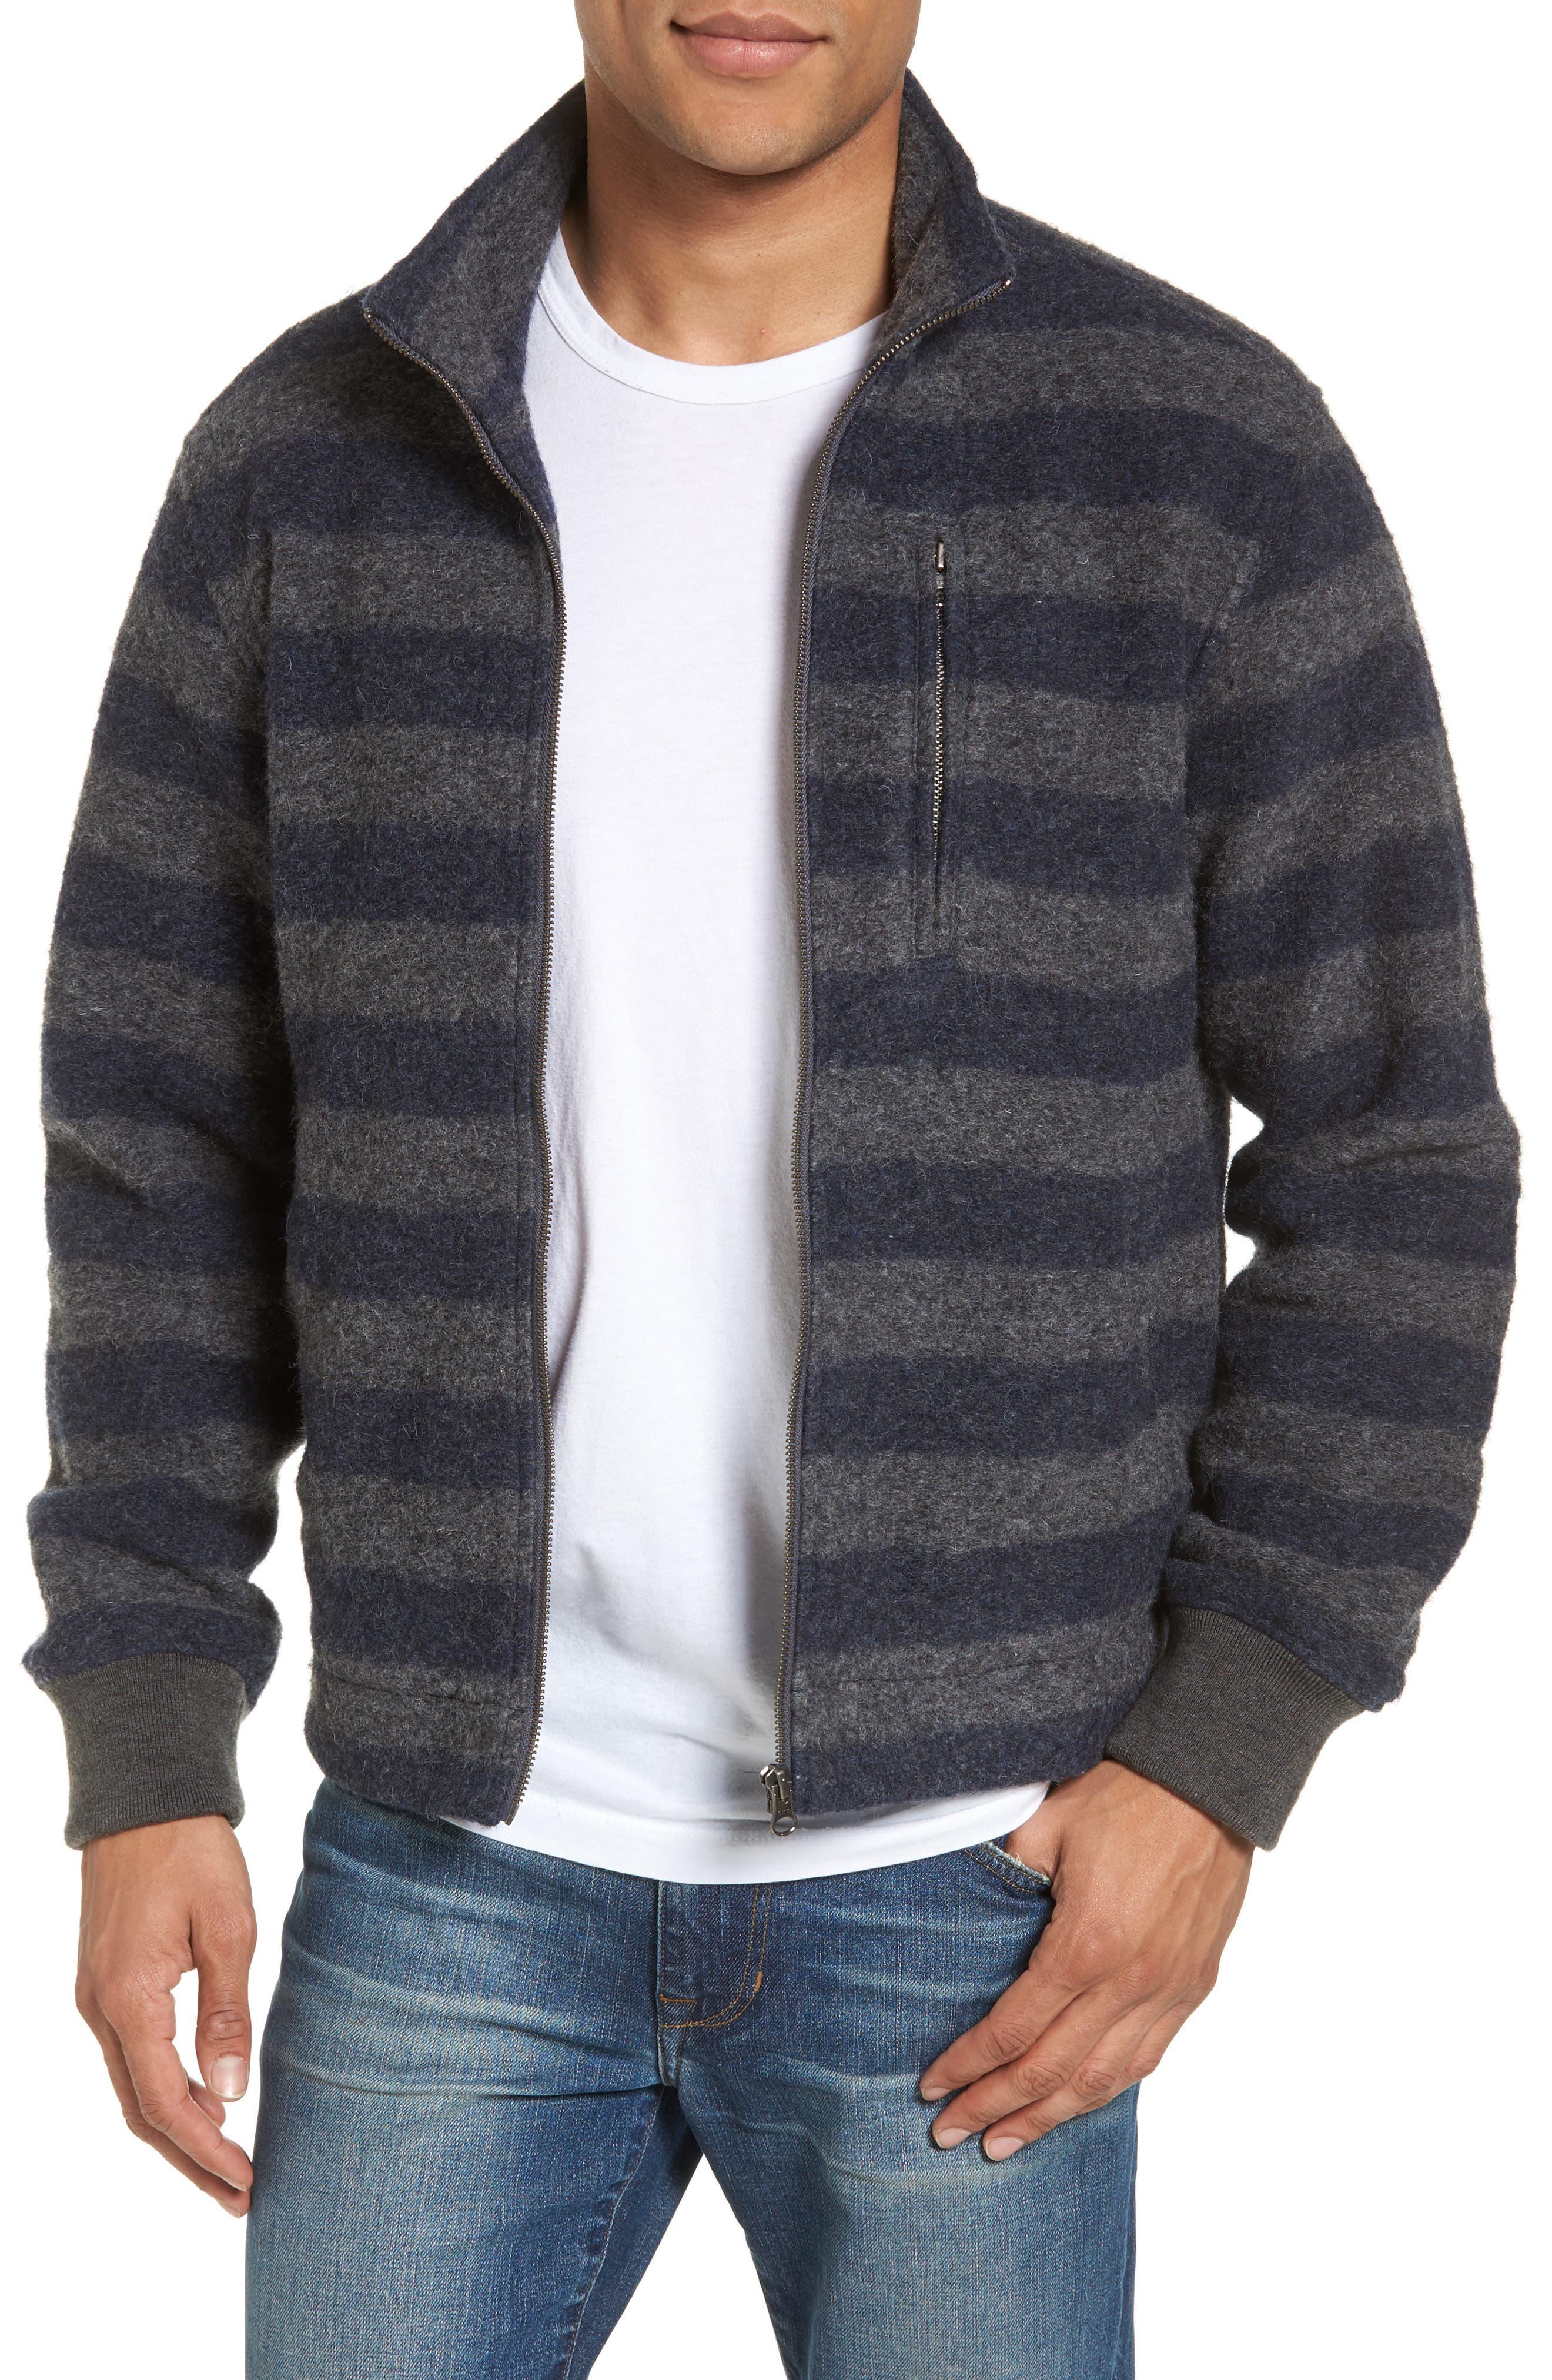 Bowen Stripe Zip Front Jacket,                         Main,                         color, 089